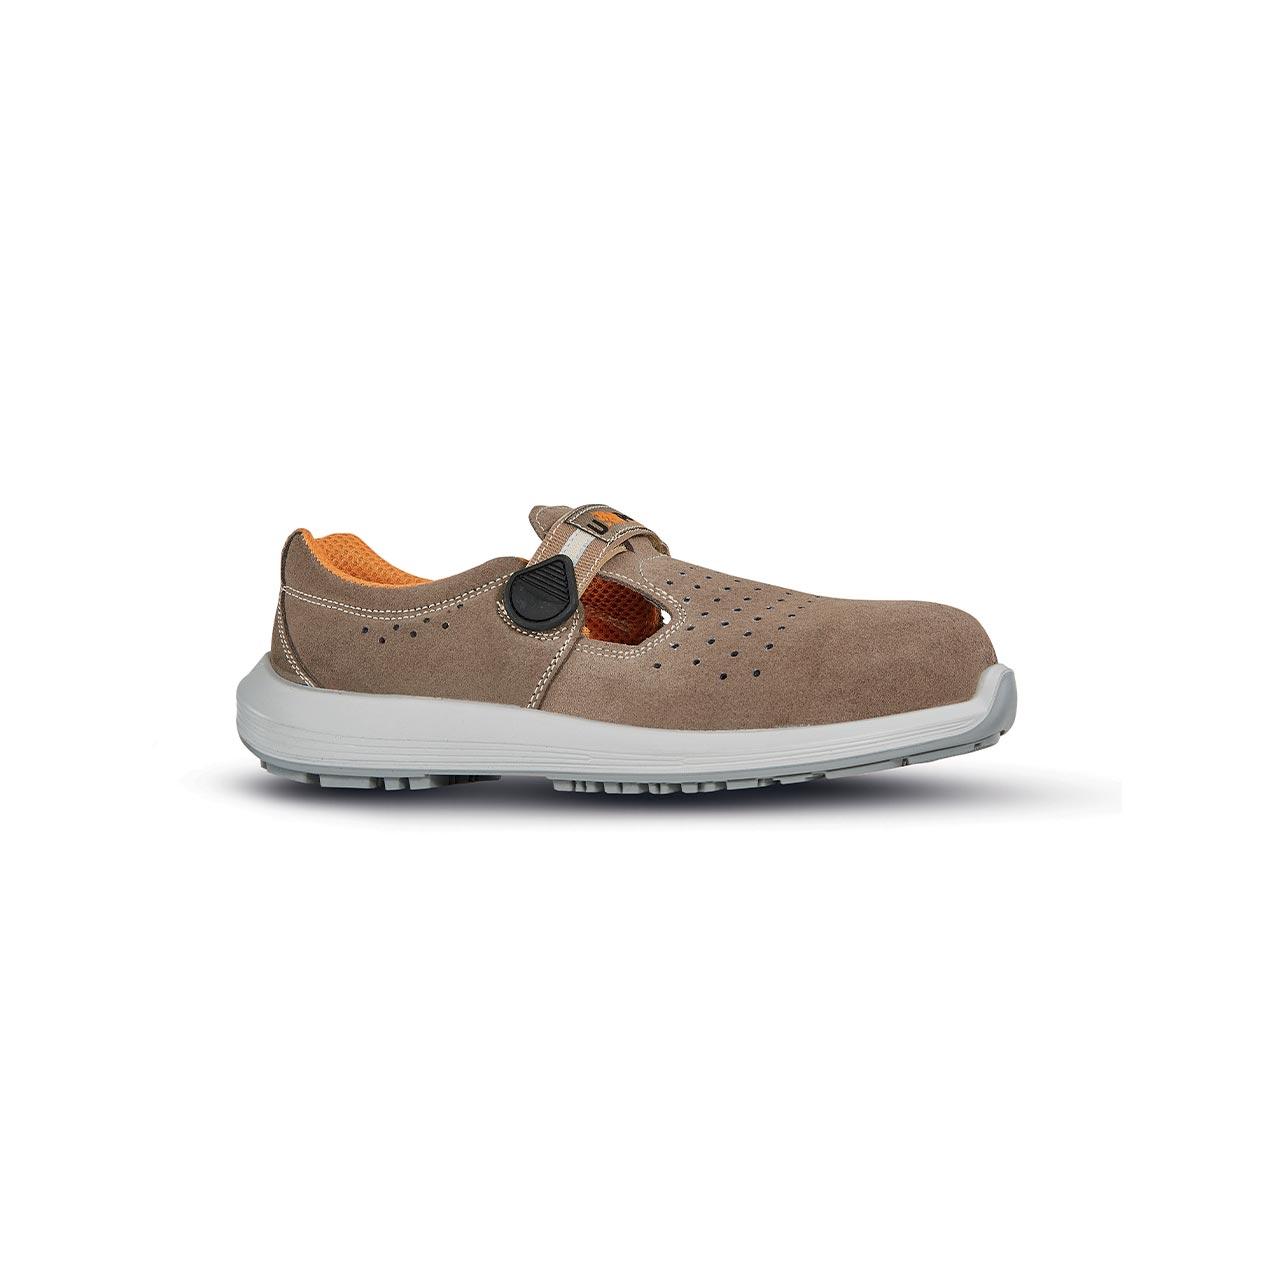 scarpa antinfortunistica upower modello song linea stepone vista laterale